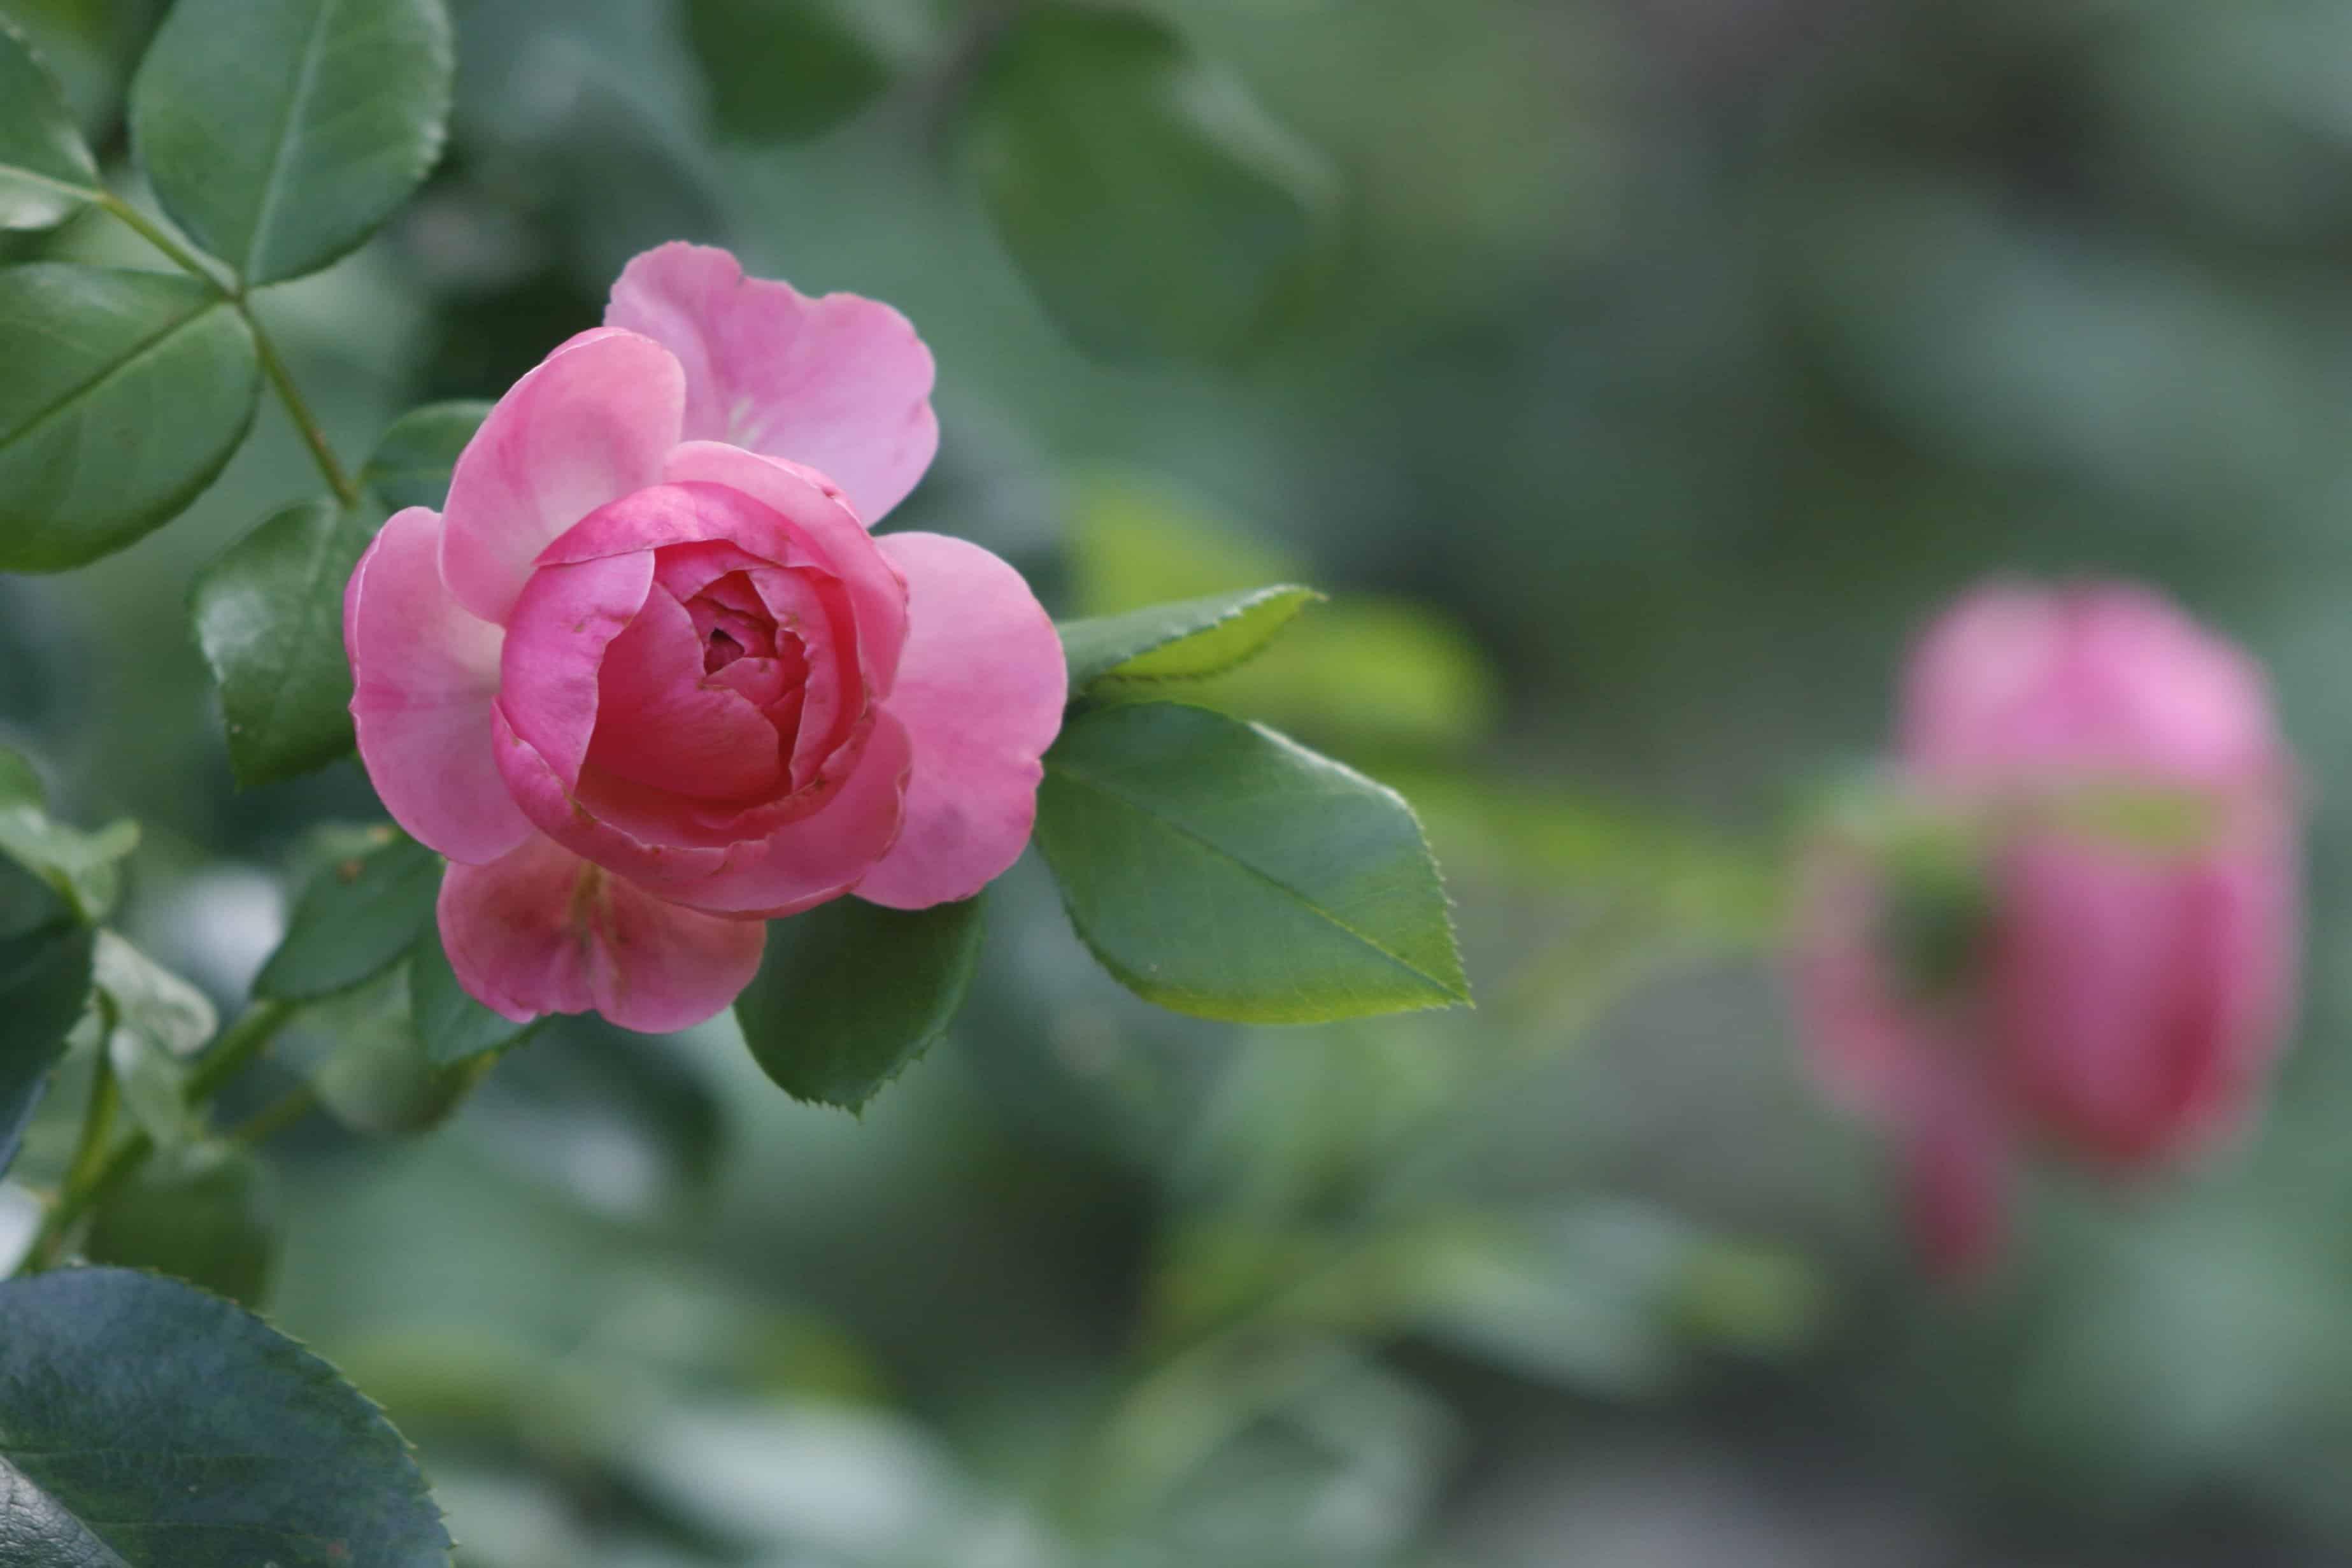 картинки с дикими розами предлагаются разной